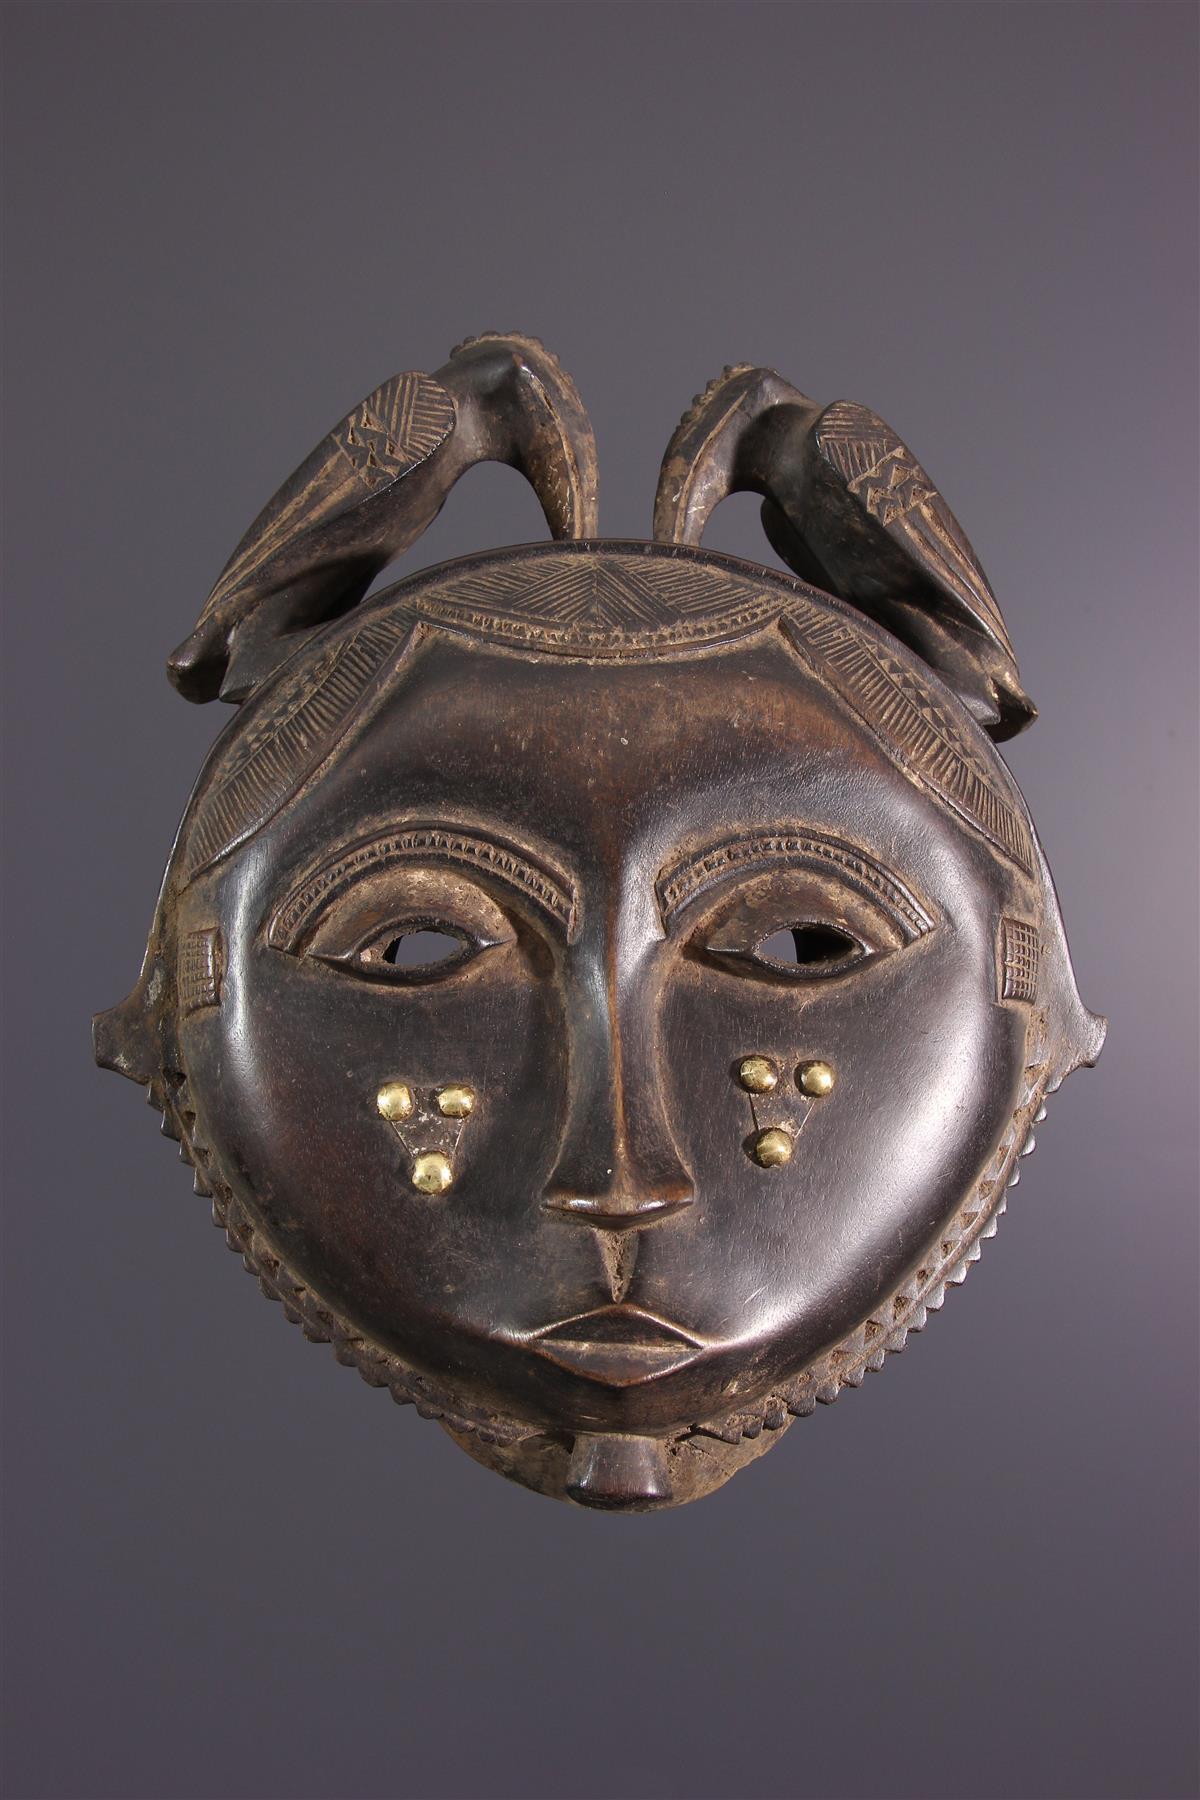 Masque Baoulé/Yaouré - Art africain